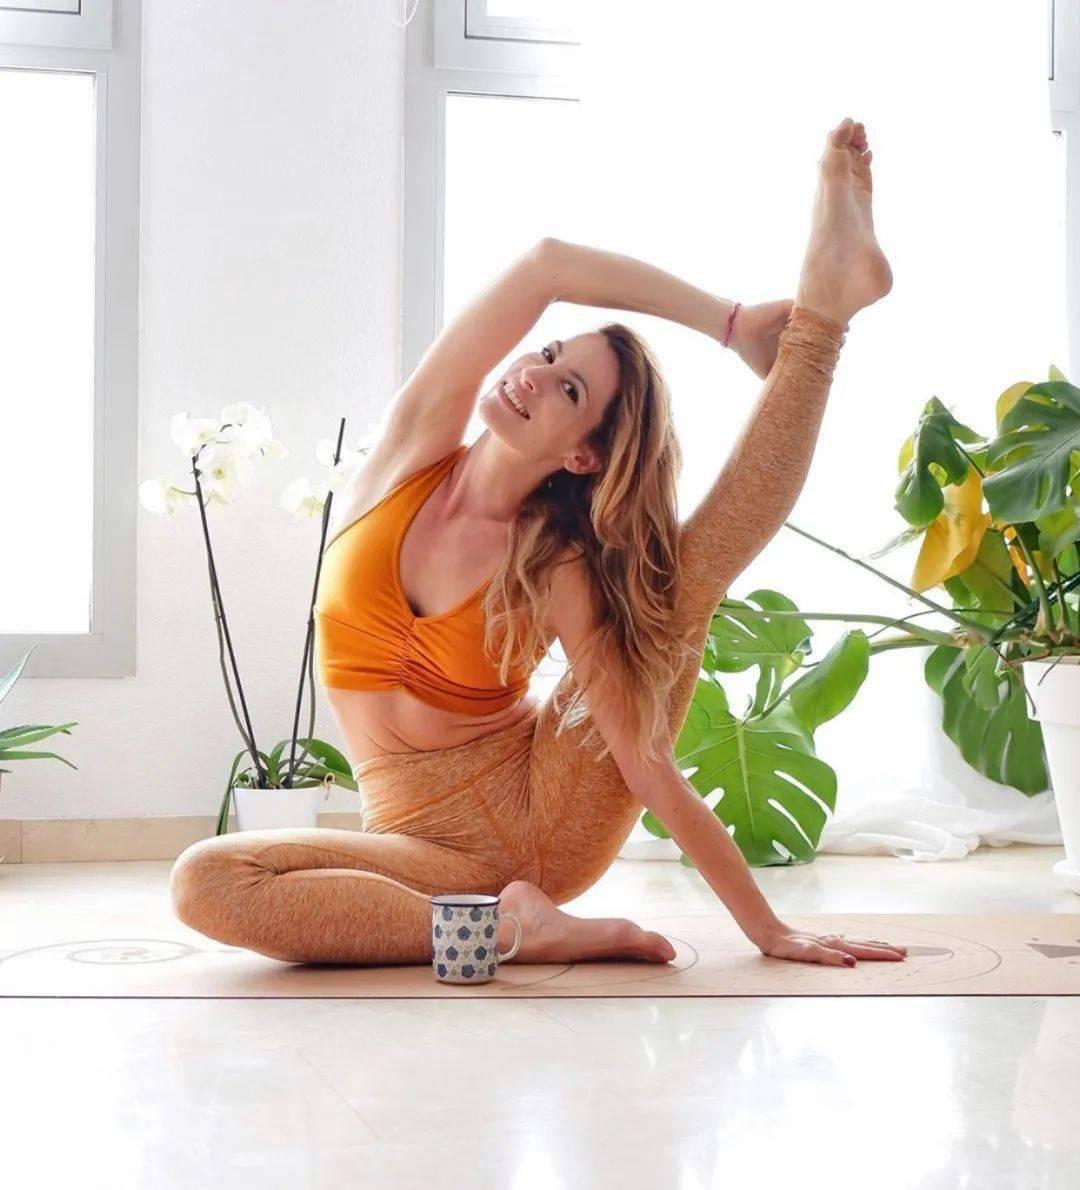 15分钟懒人开髋序列,瑜伽原来可以这样练!